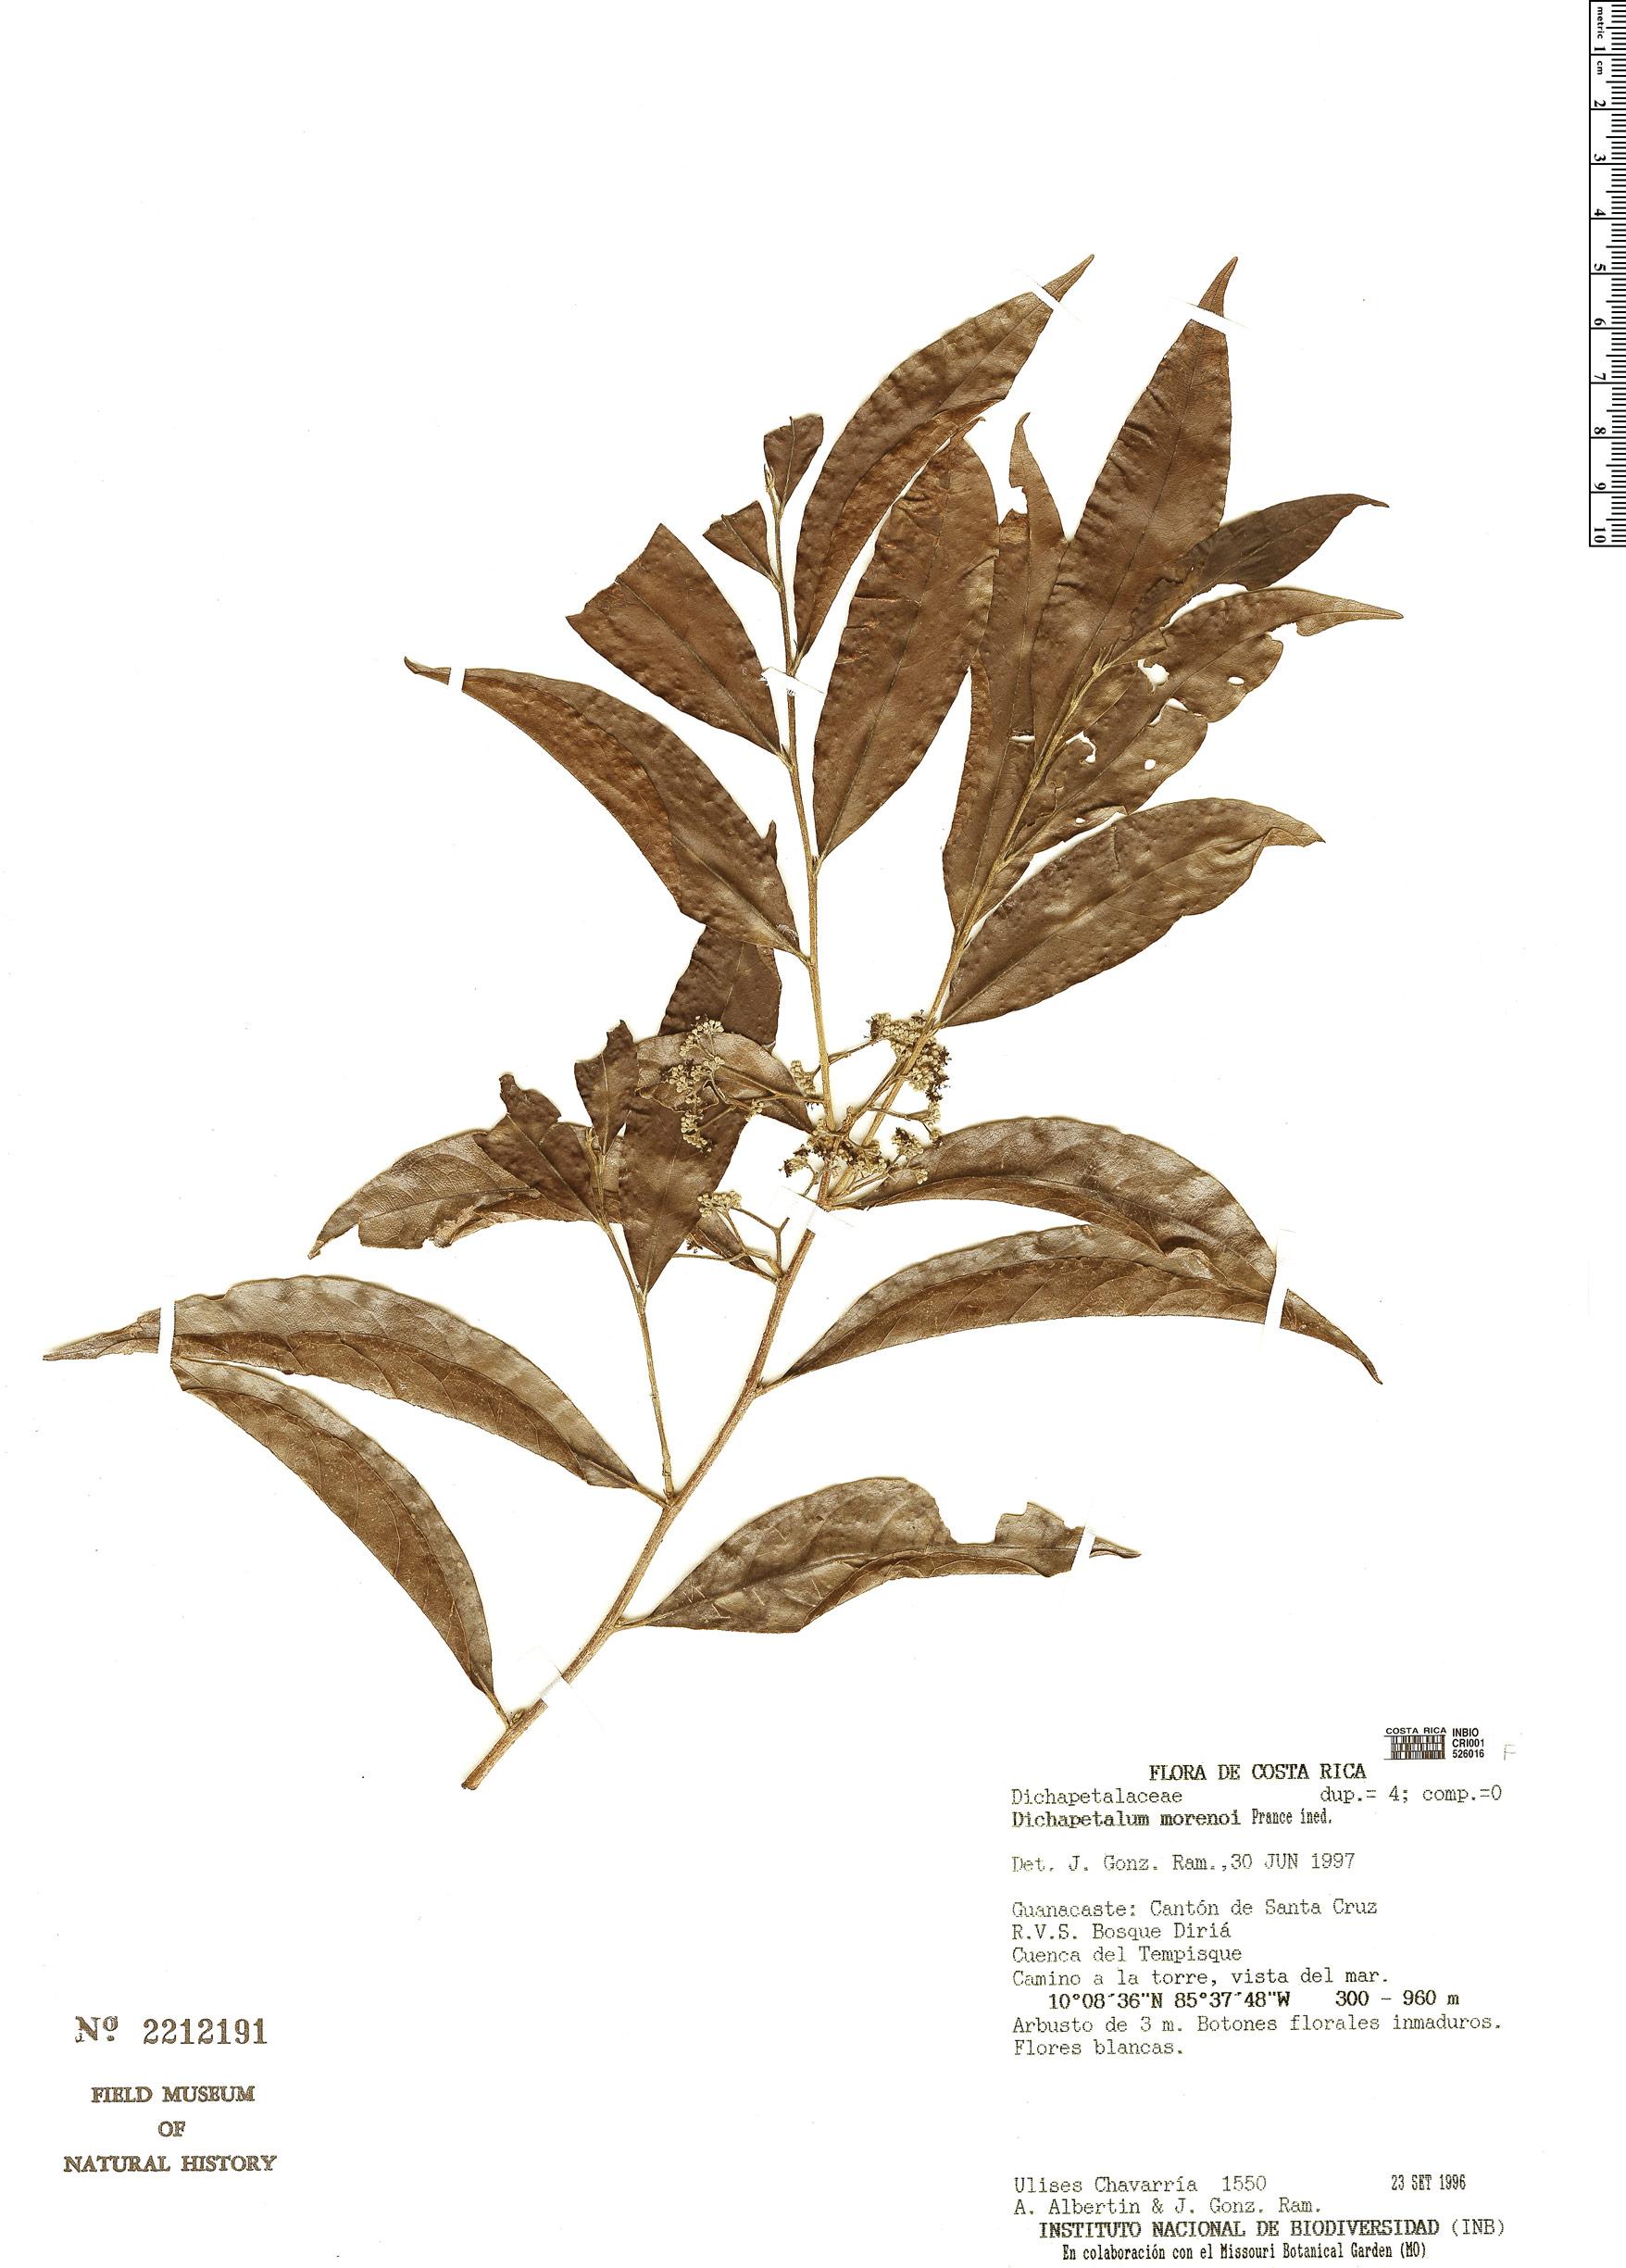 Specimen: Dichapetalum morenoi